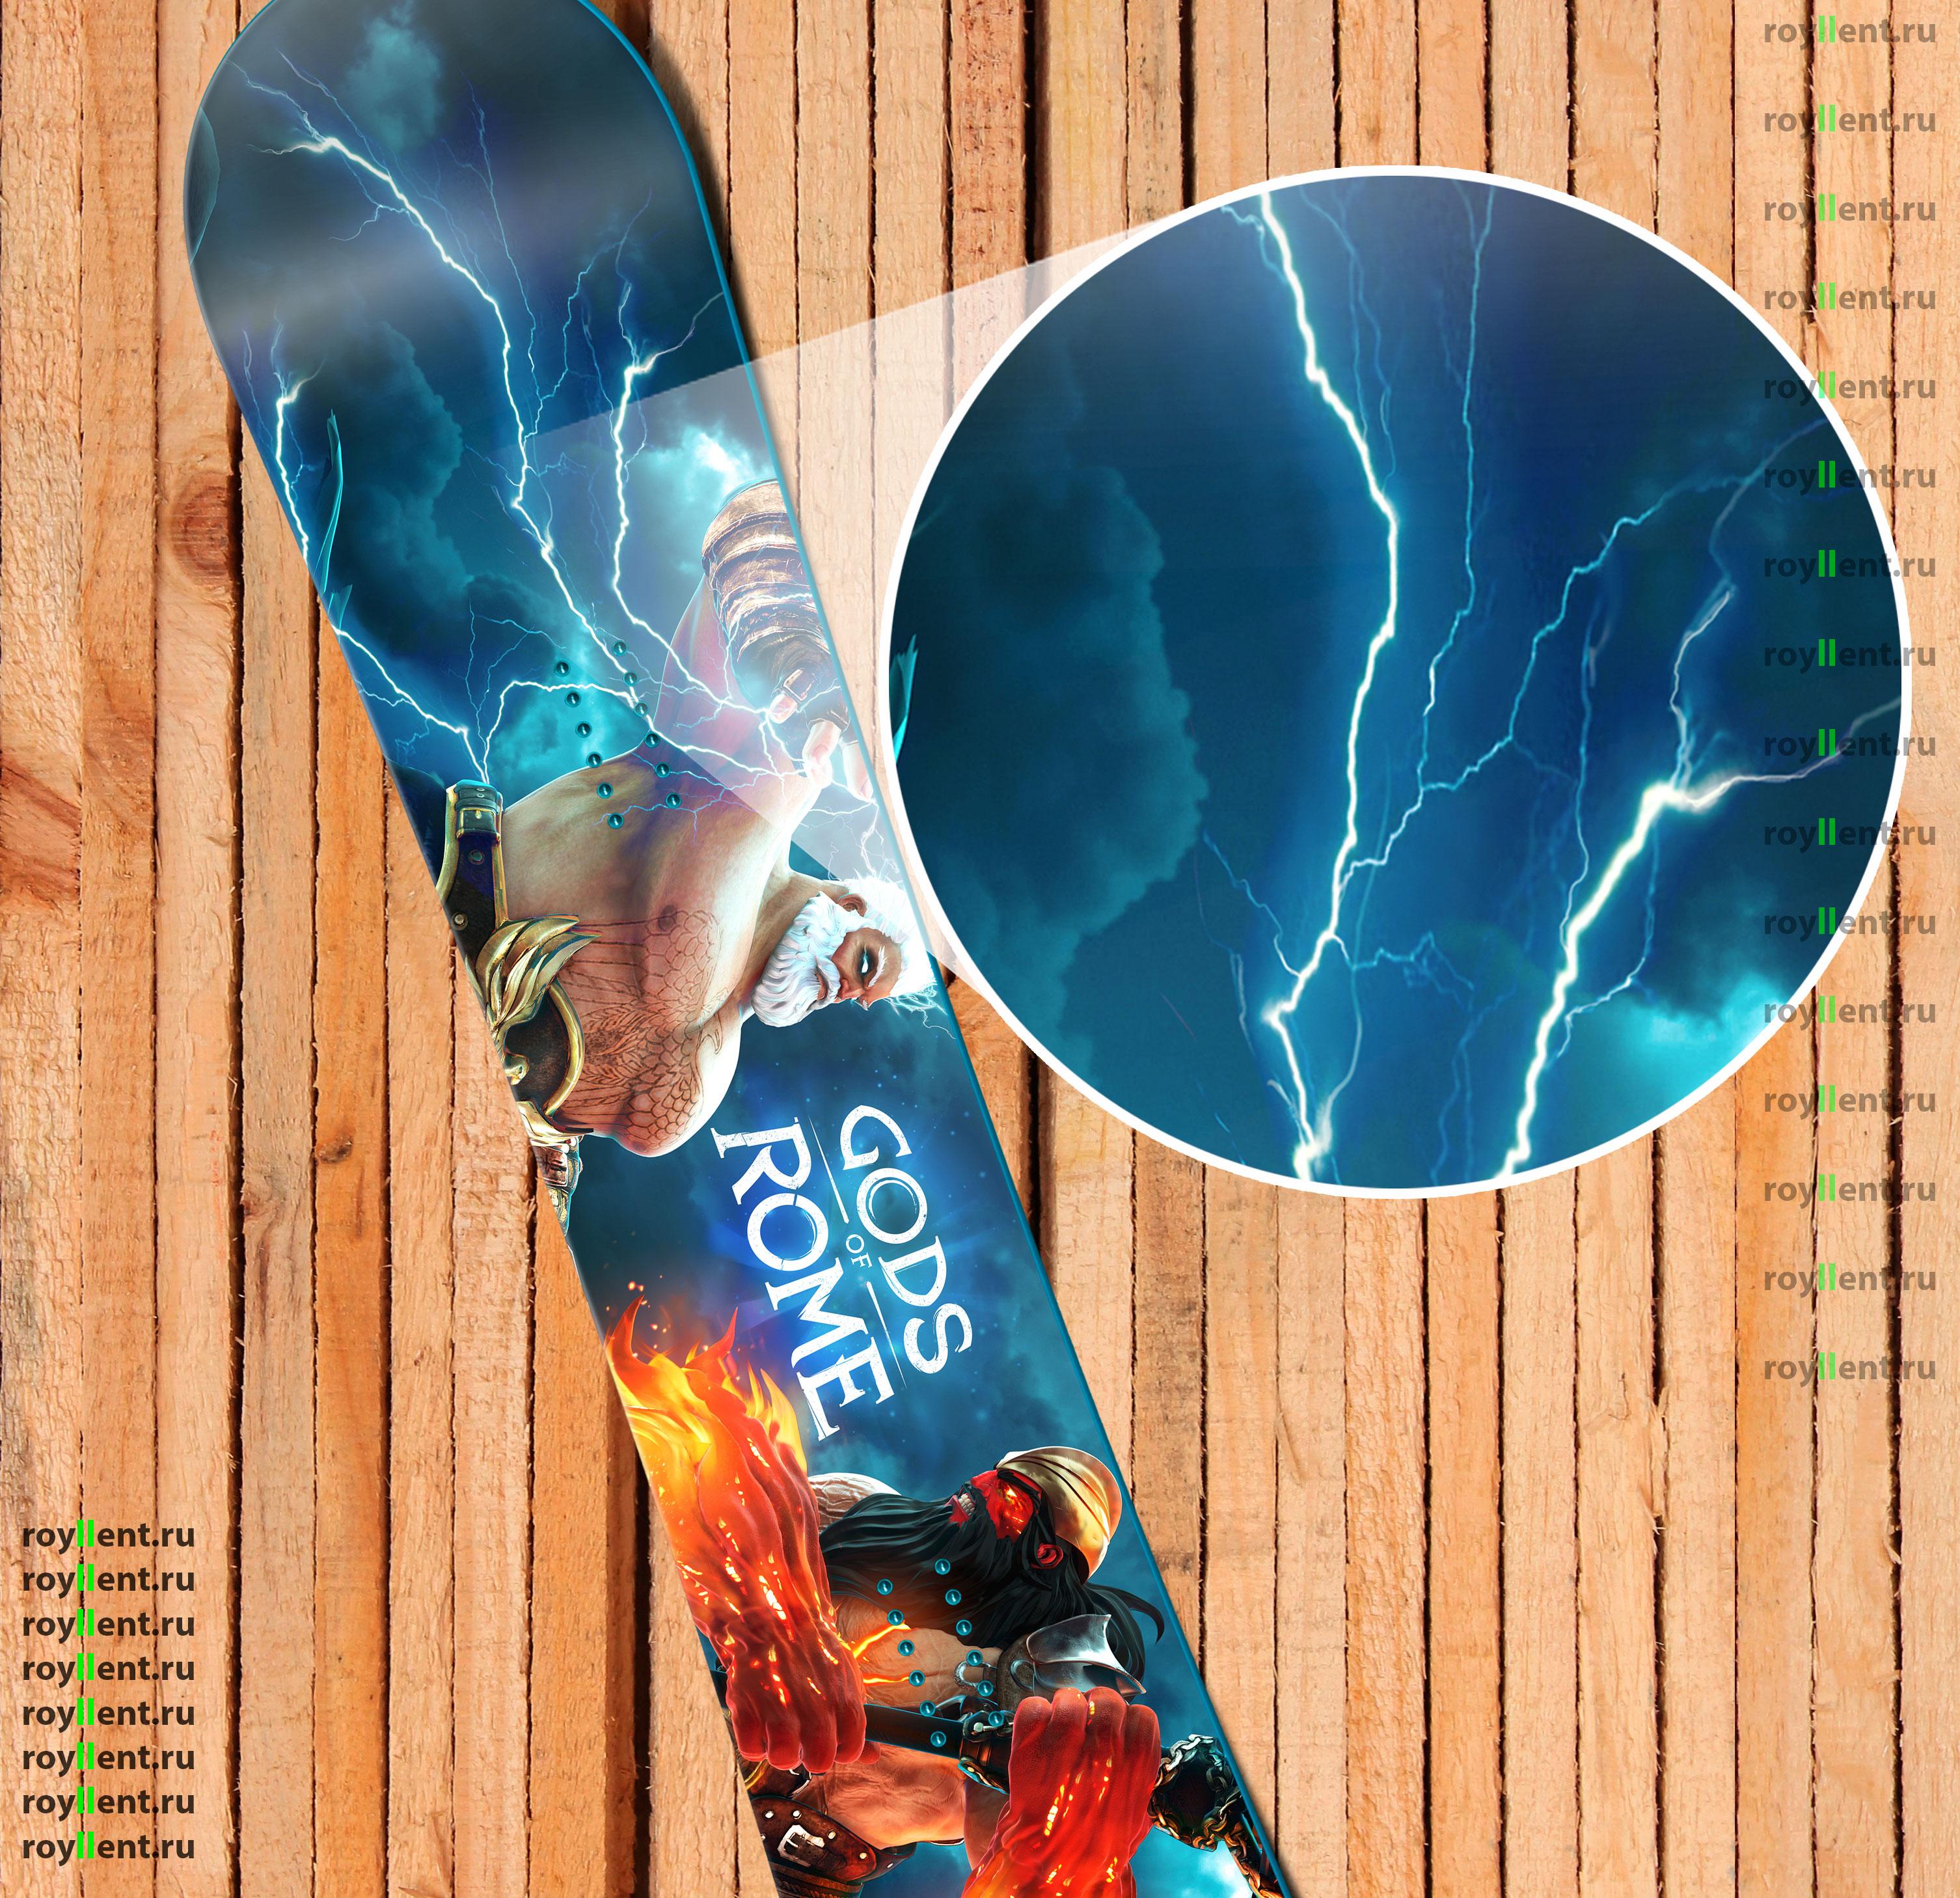 Наклейка на сноуборд купить с доставкой по Москве